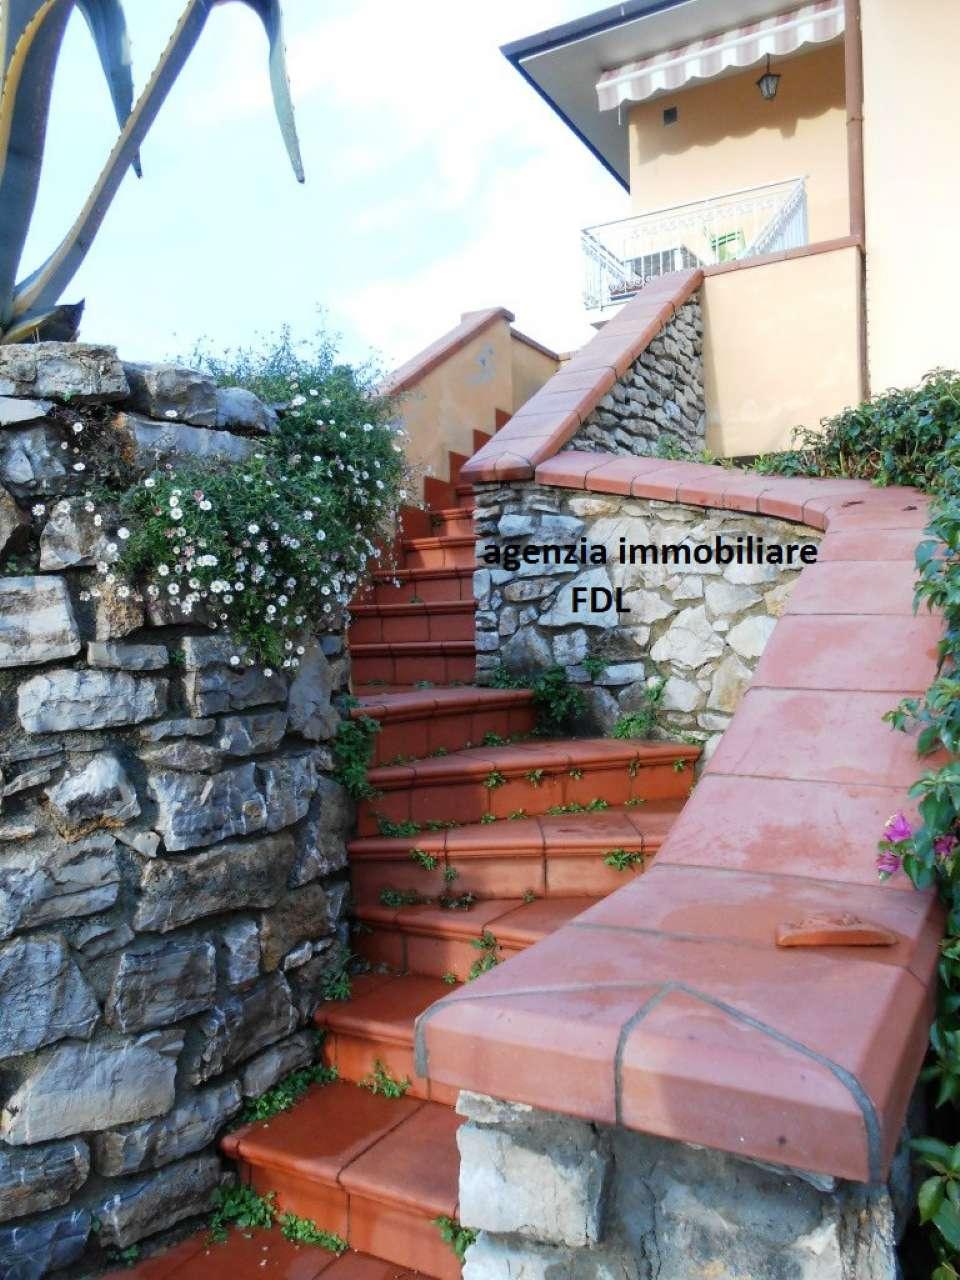 Appartamento in vendita a Casciana Terme Lari, 14 locali, prezzo € 195.000 | PortaleAgenzieImmobiliari.it